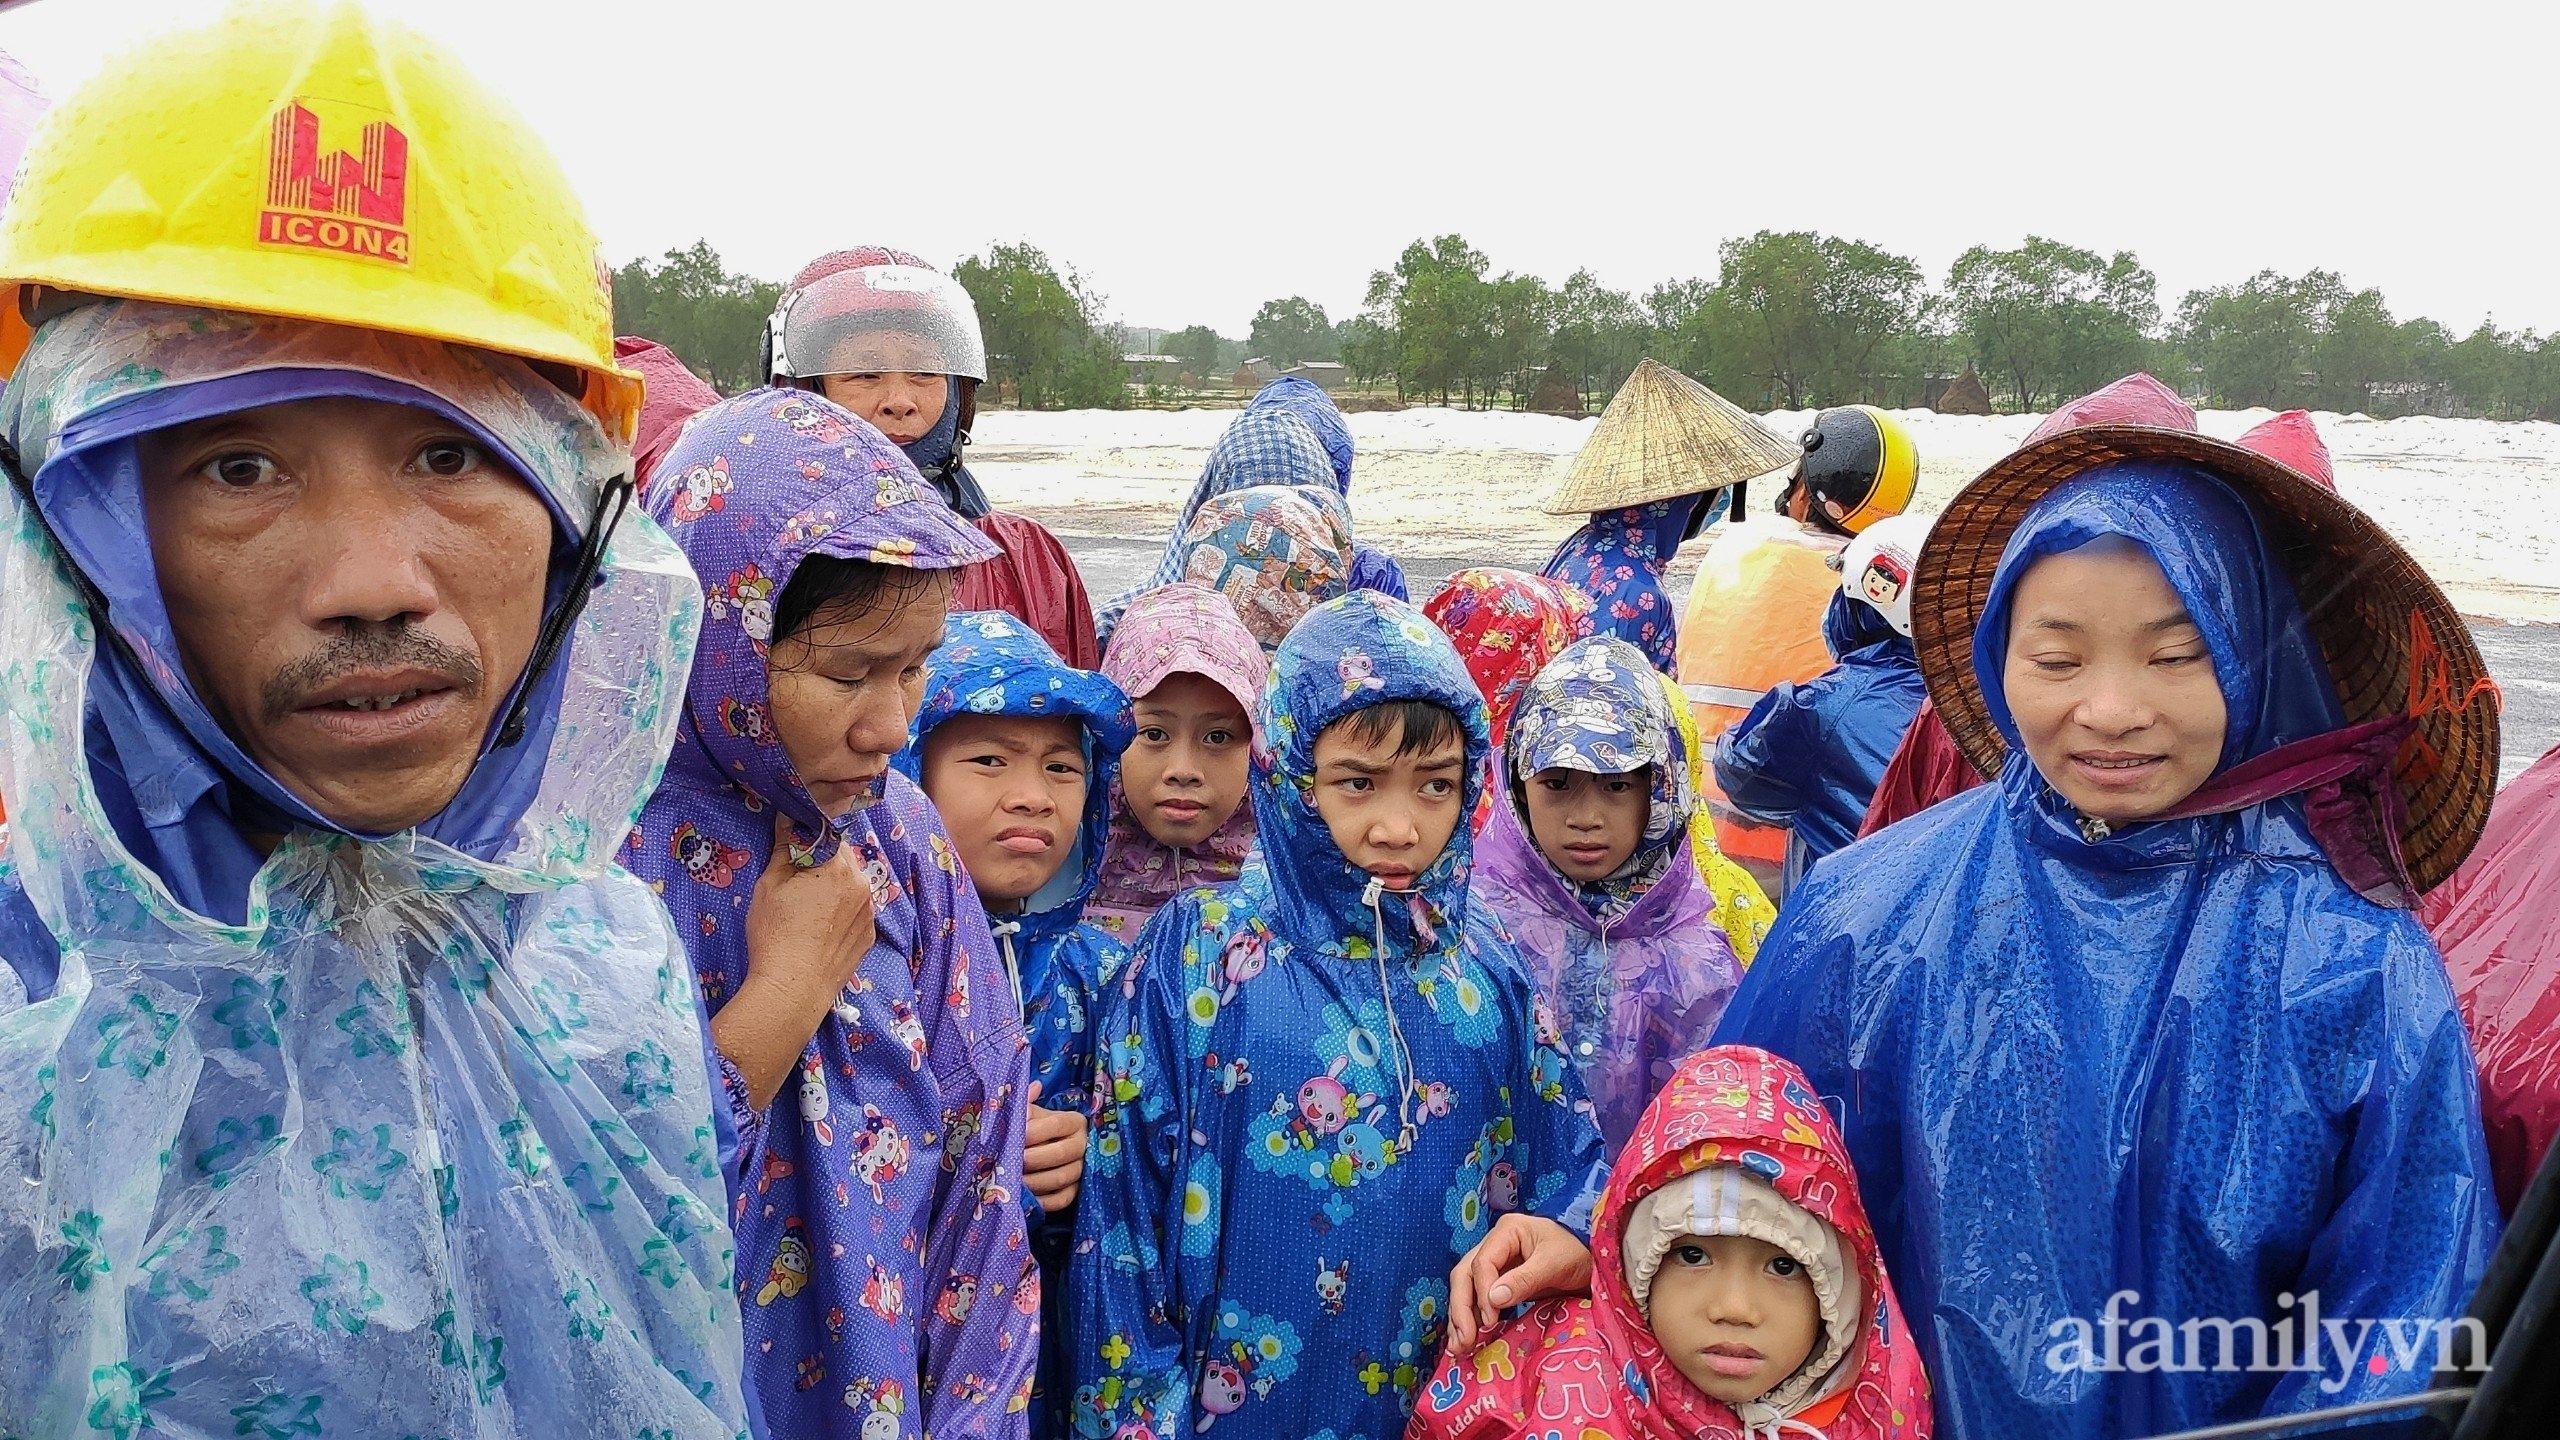 Quảng Bình: Nước ngập nhà cửa, người dân đội mưa vượt đồi cát hơn 1km ra đường quốc lộ xin đồ cứu trợ - Ảnh 4.